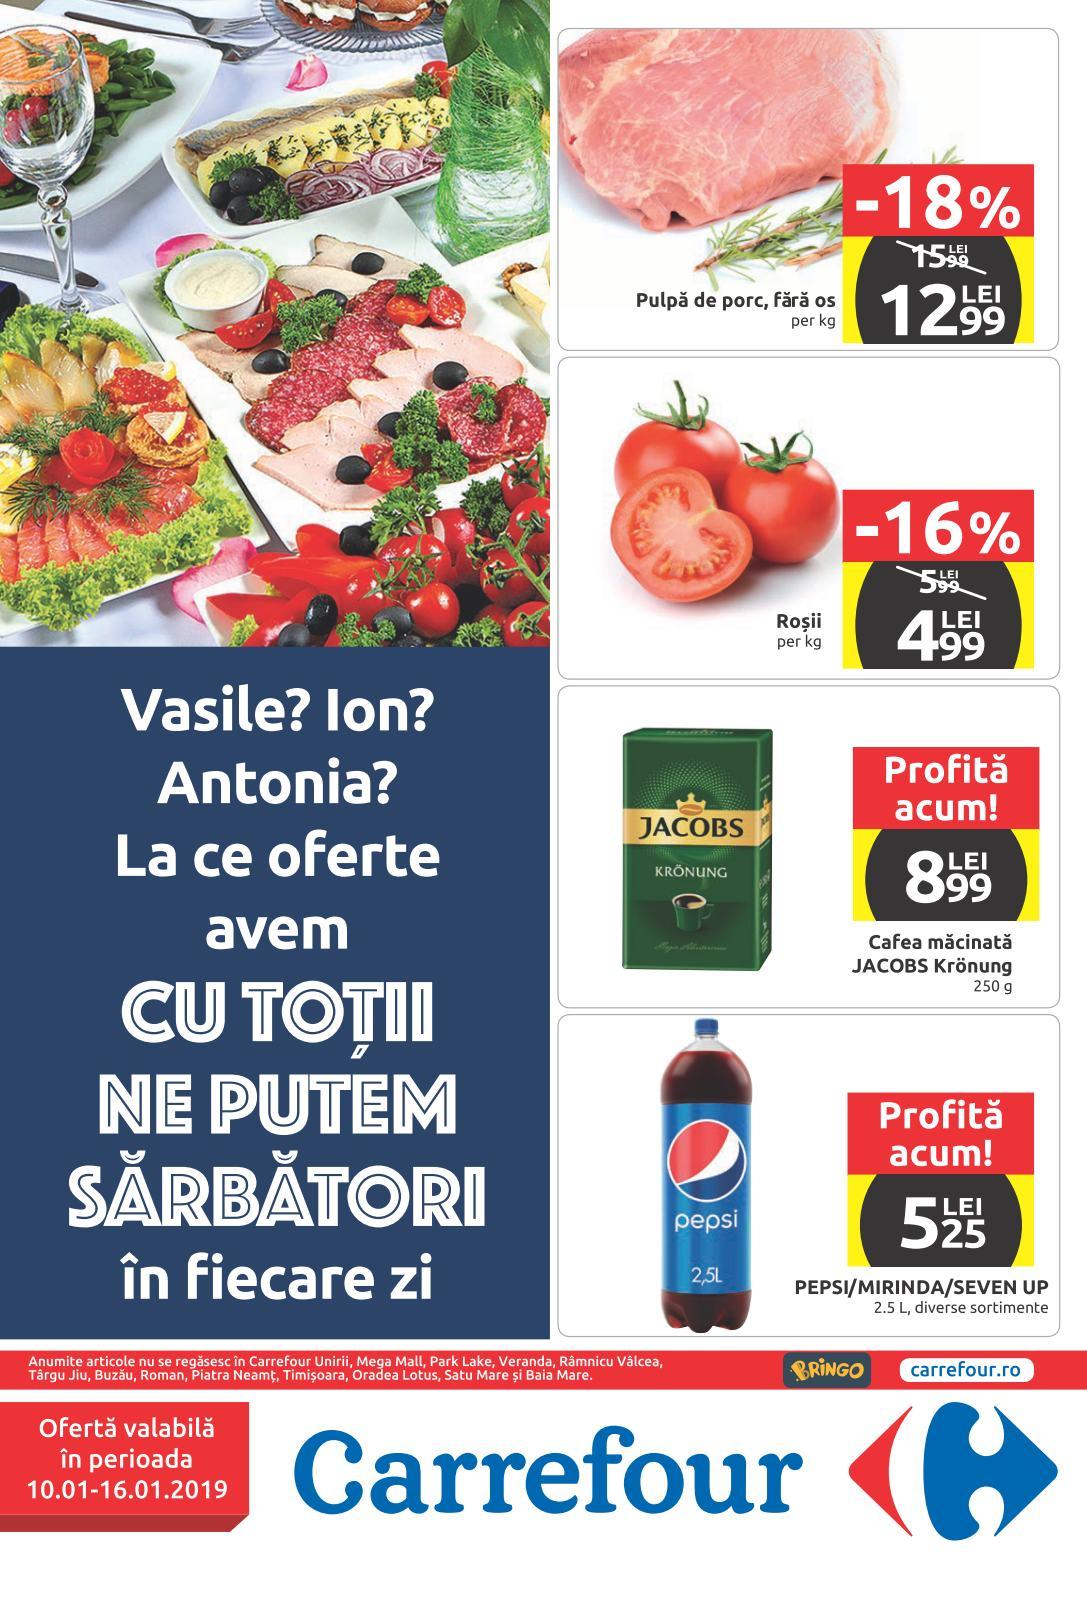 Carrefour Produse Alimentare 10 – 16 Ianuarie 2019 a8c05108f9